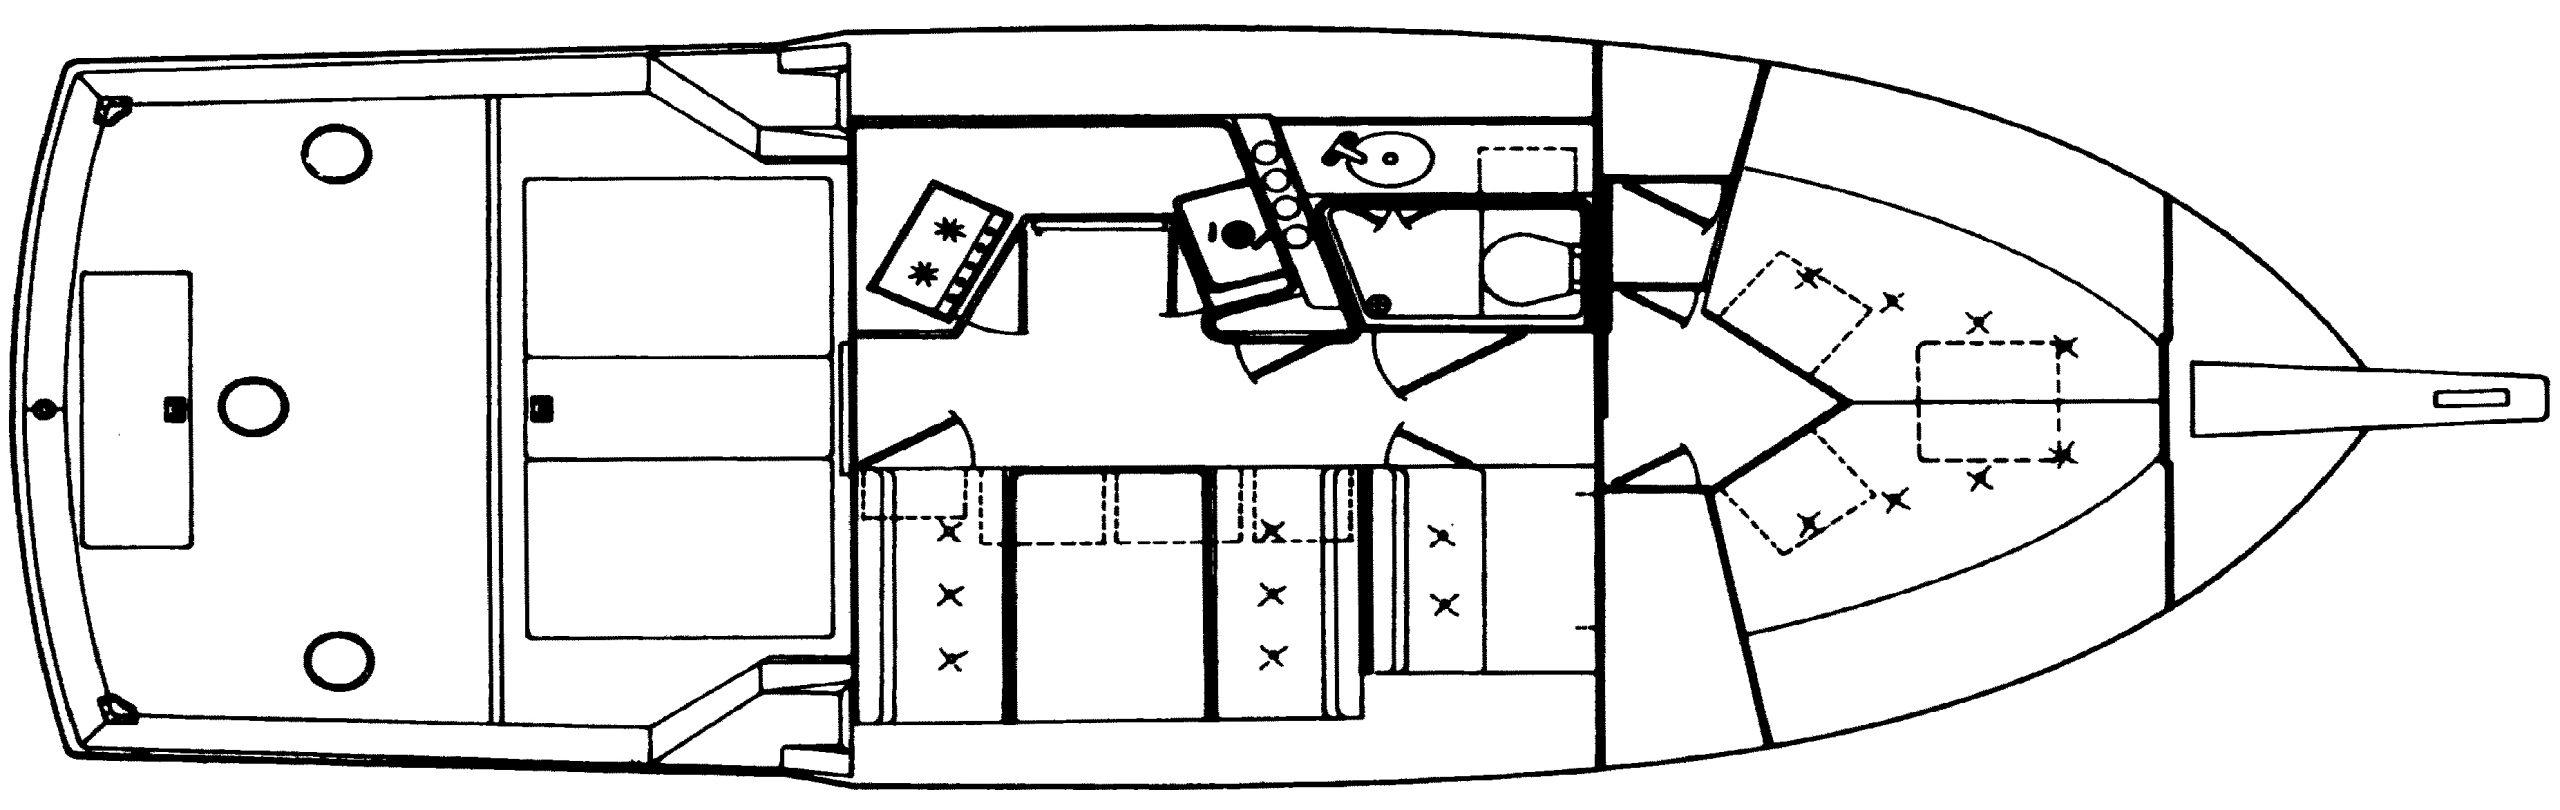 315 Commander Floor Plan 2